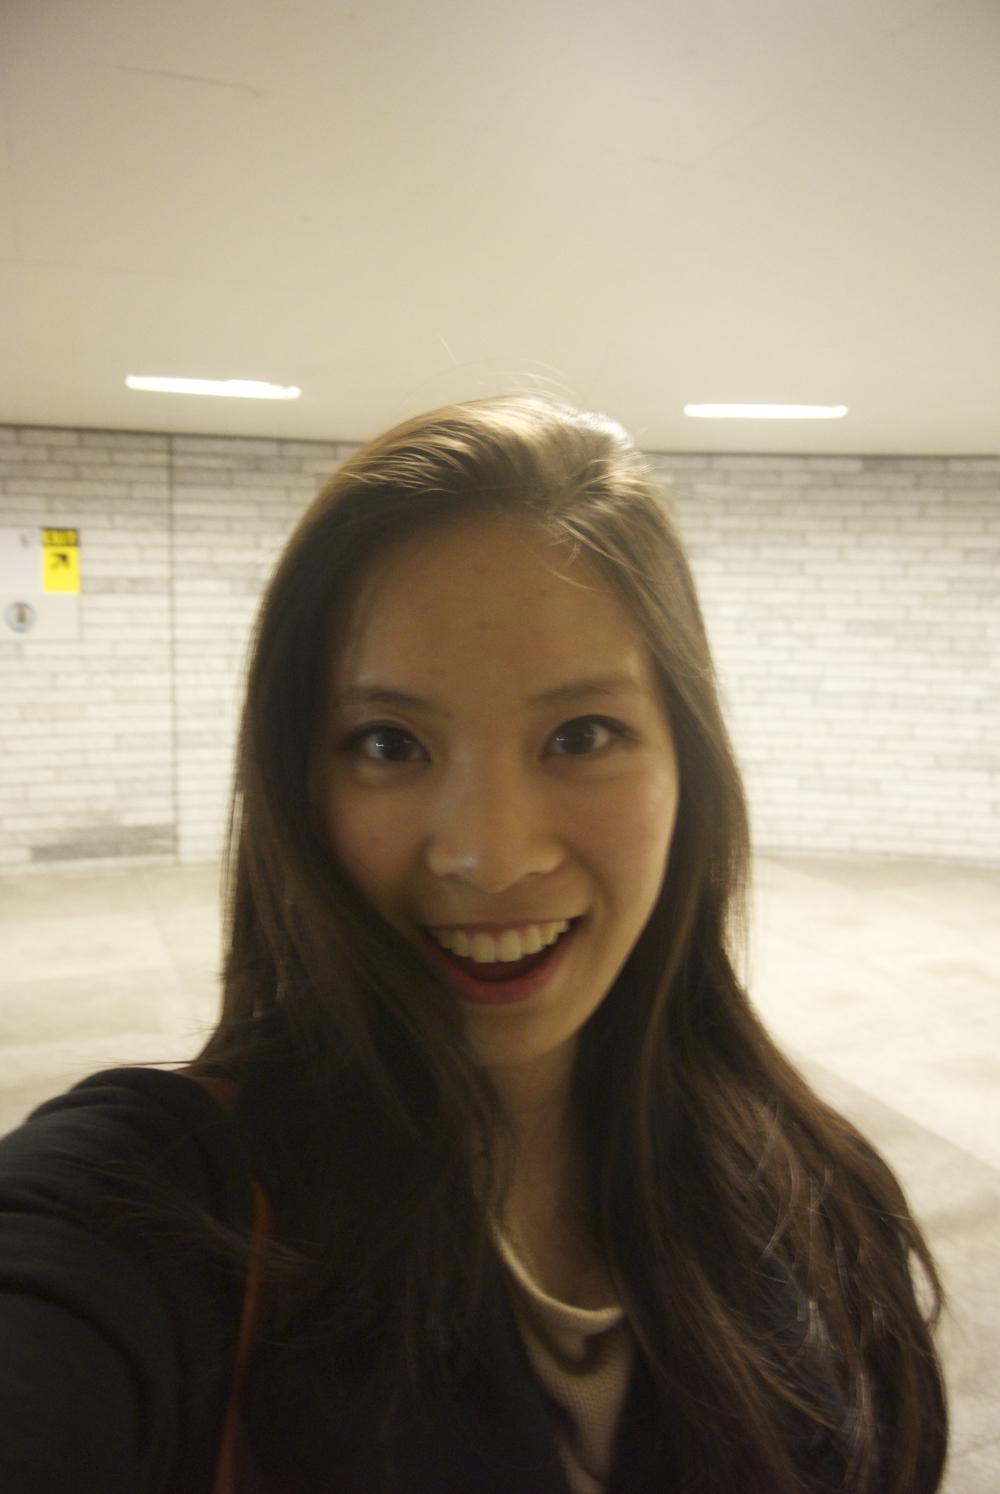 Selfie opp!